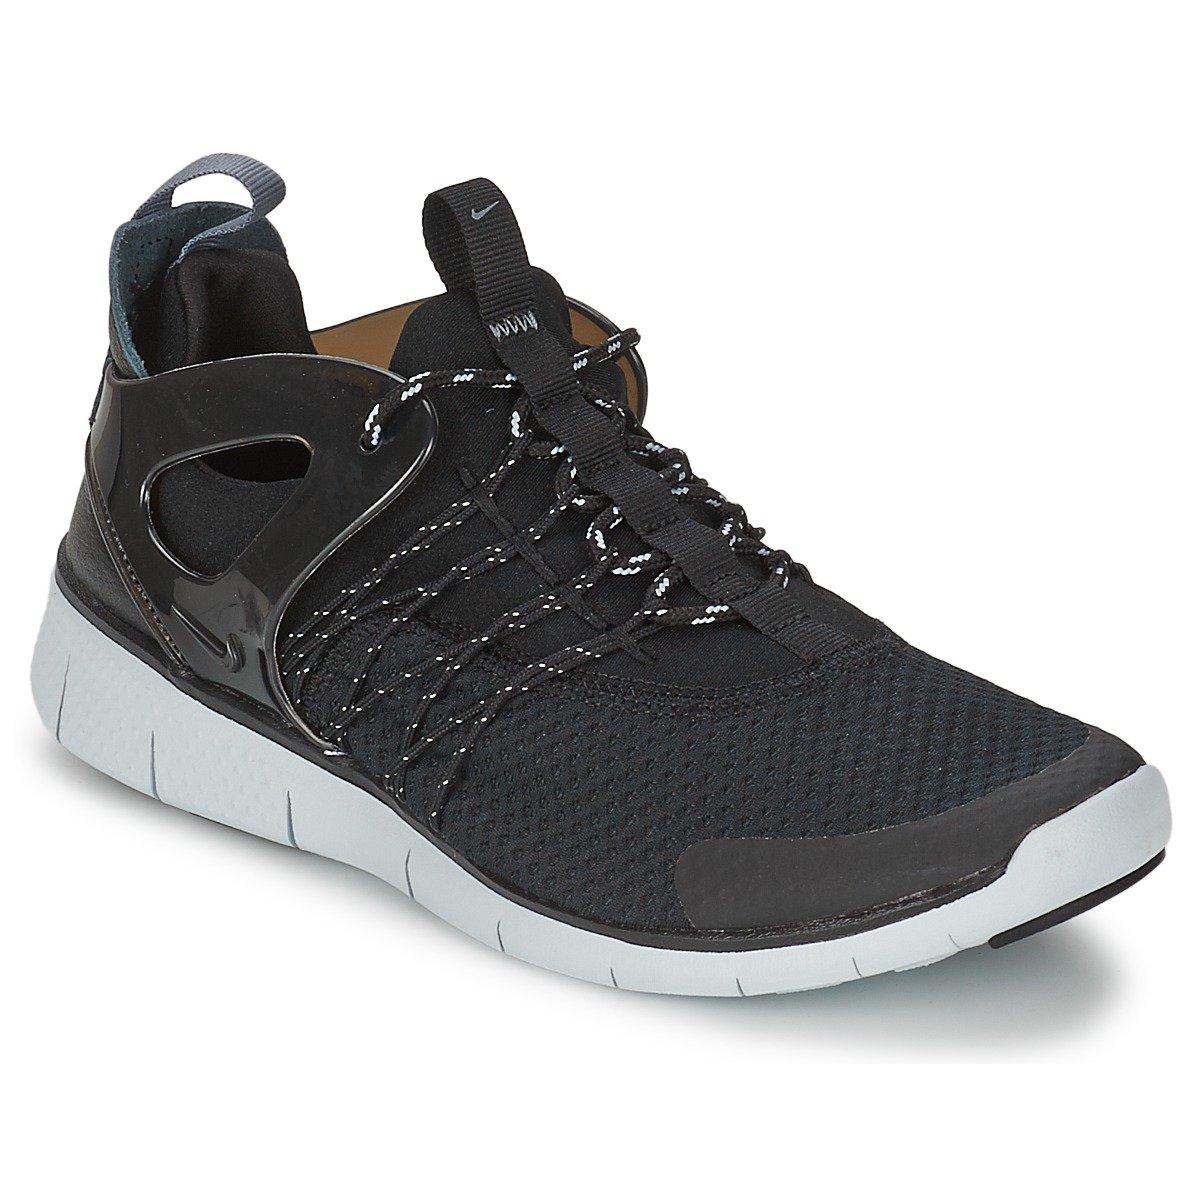 Nike Wmns Free Viritous Schuhe Damen Turnschuhe Laufschuhe Schwarz 725060 001 Größenauswahl 36.5